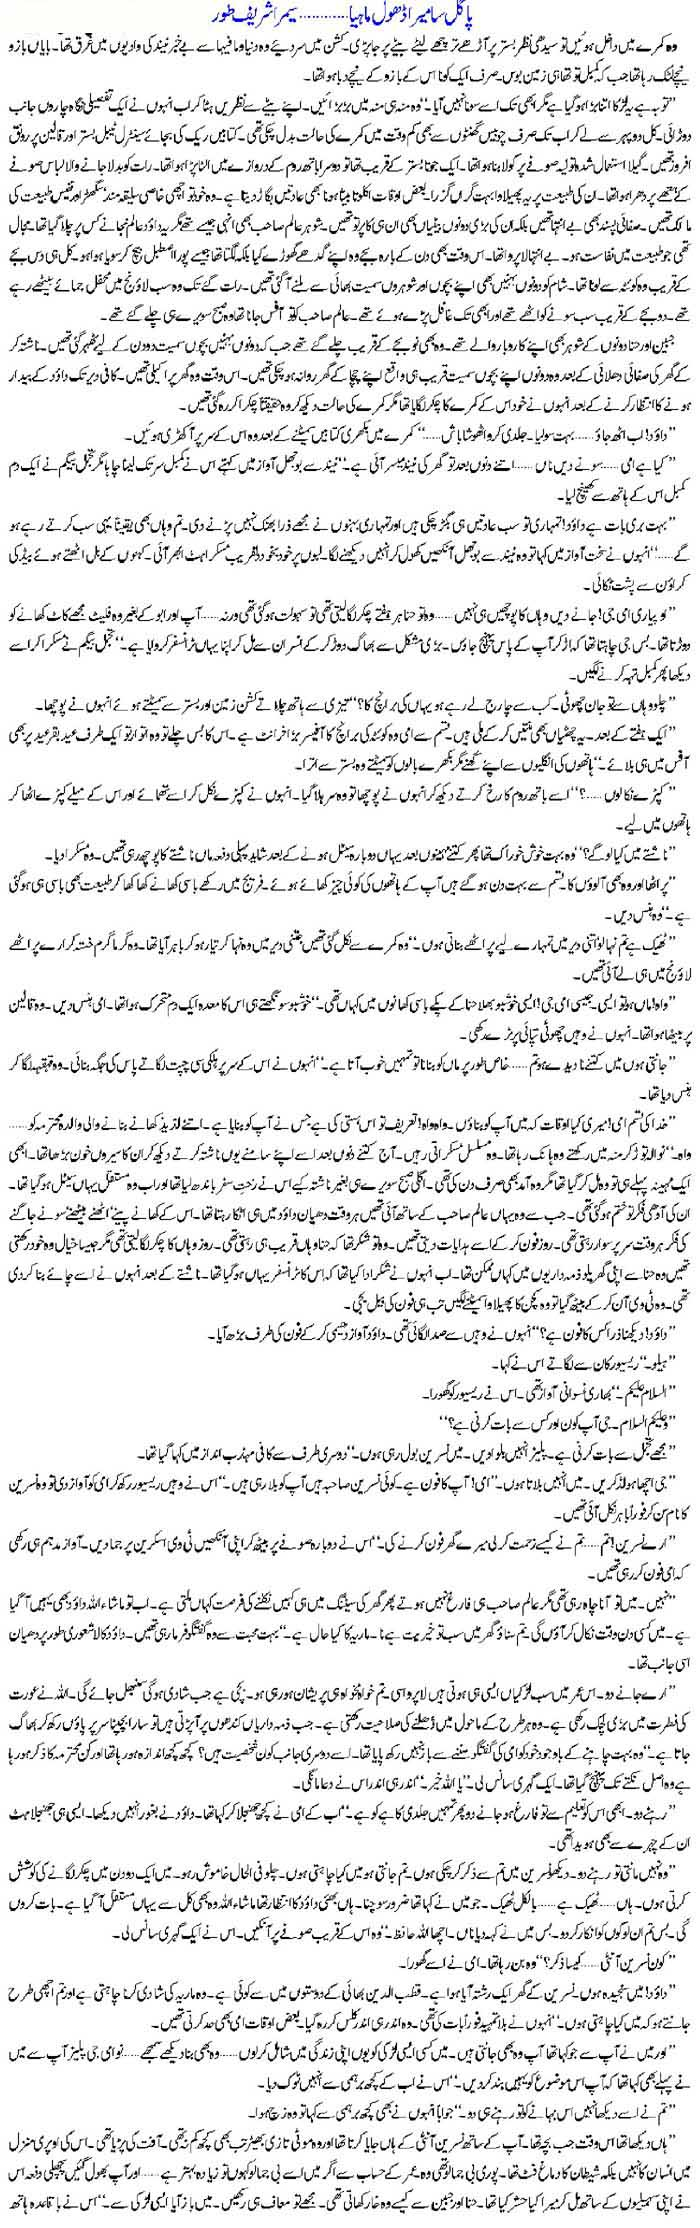 desi stories | Free Urdu Novels Online